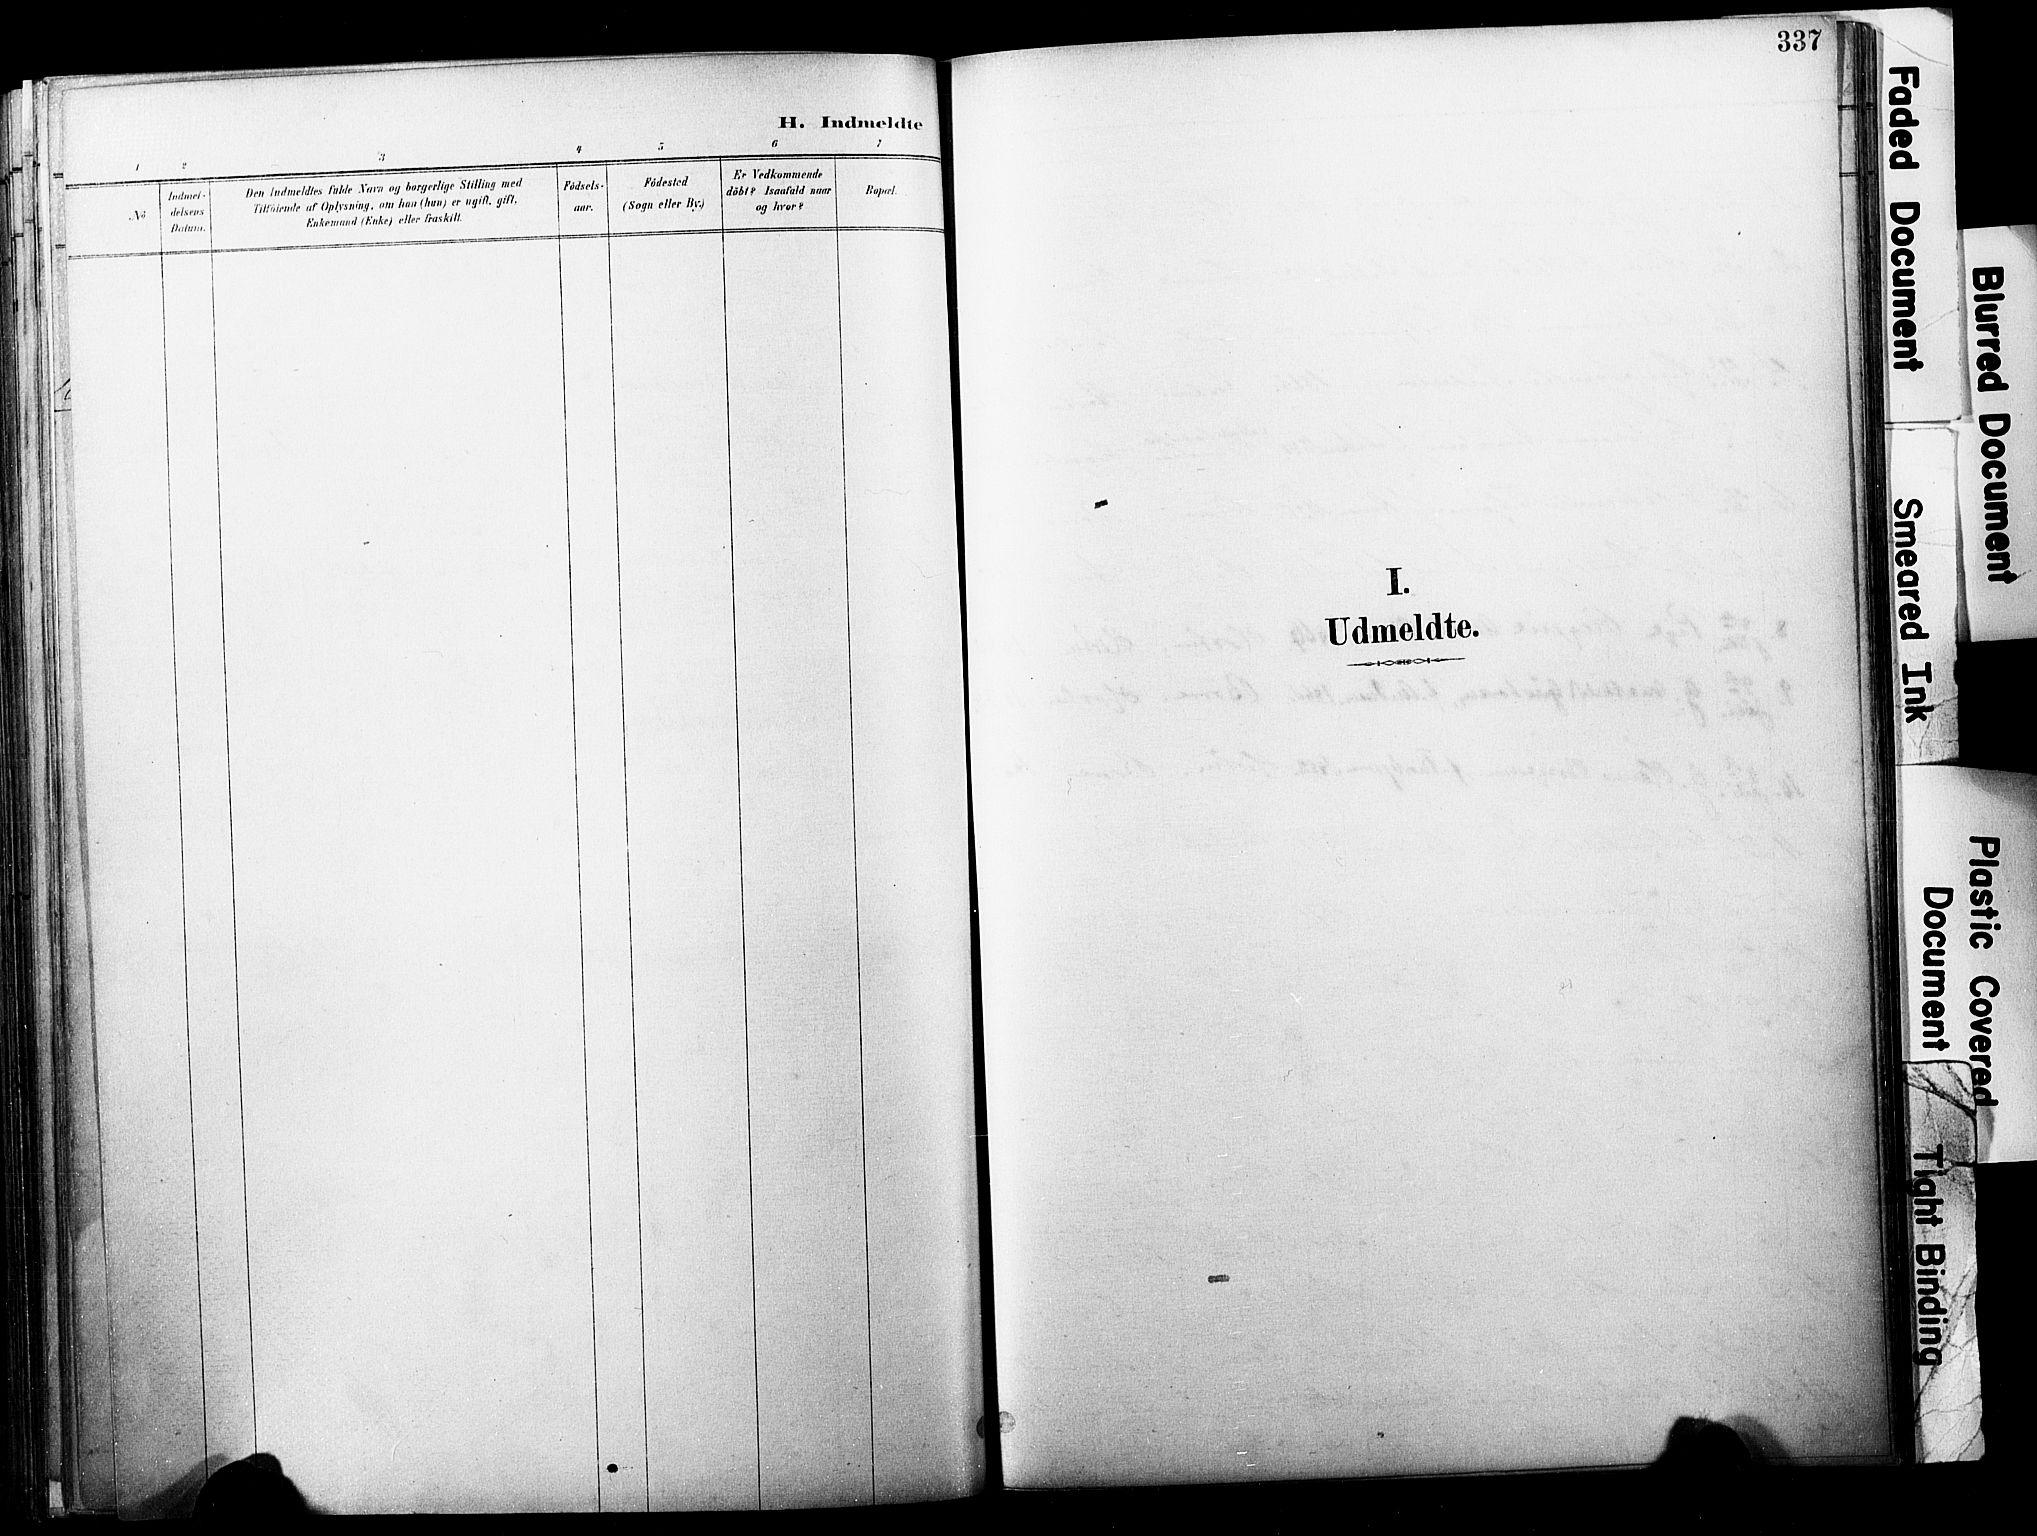 SAKO, Horten kirkebøker, F/Fa/L0004: Ministerialbok nr. 4, 1888-1895, s. 337